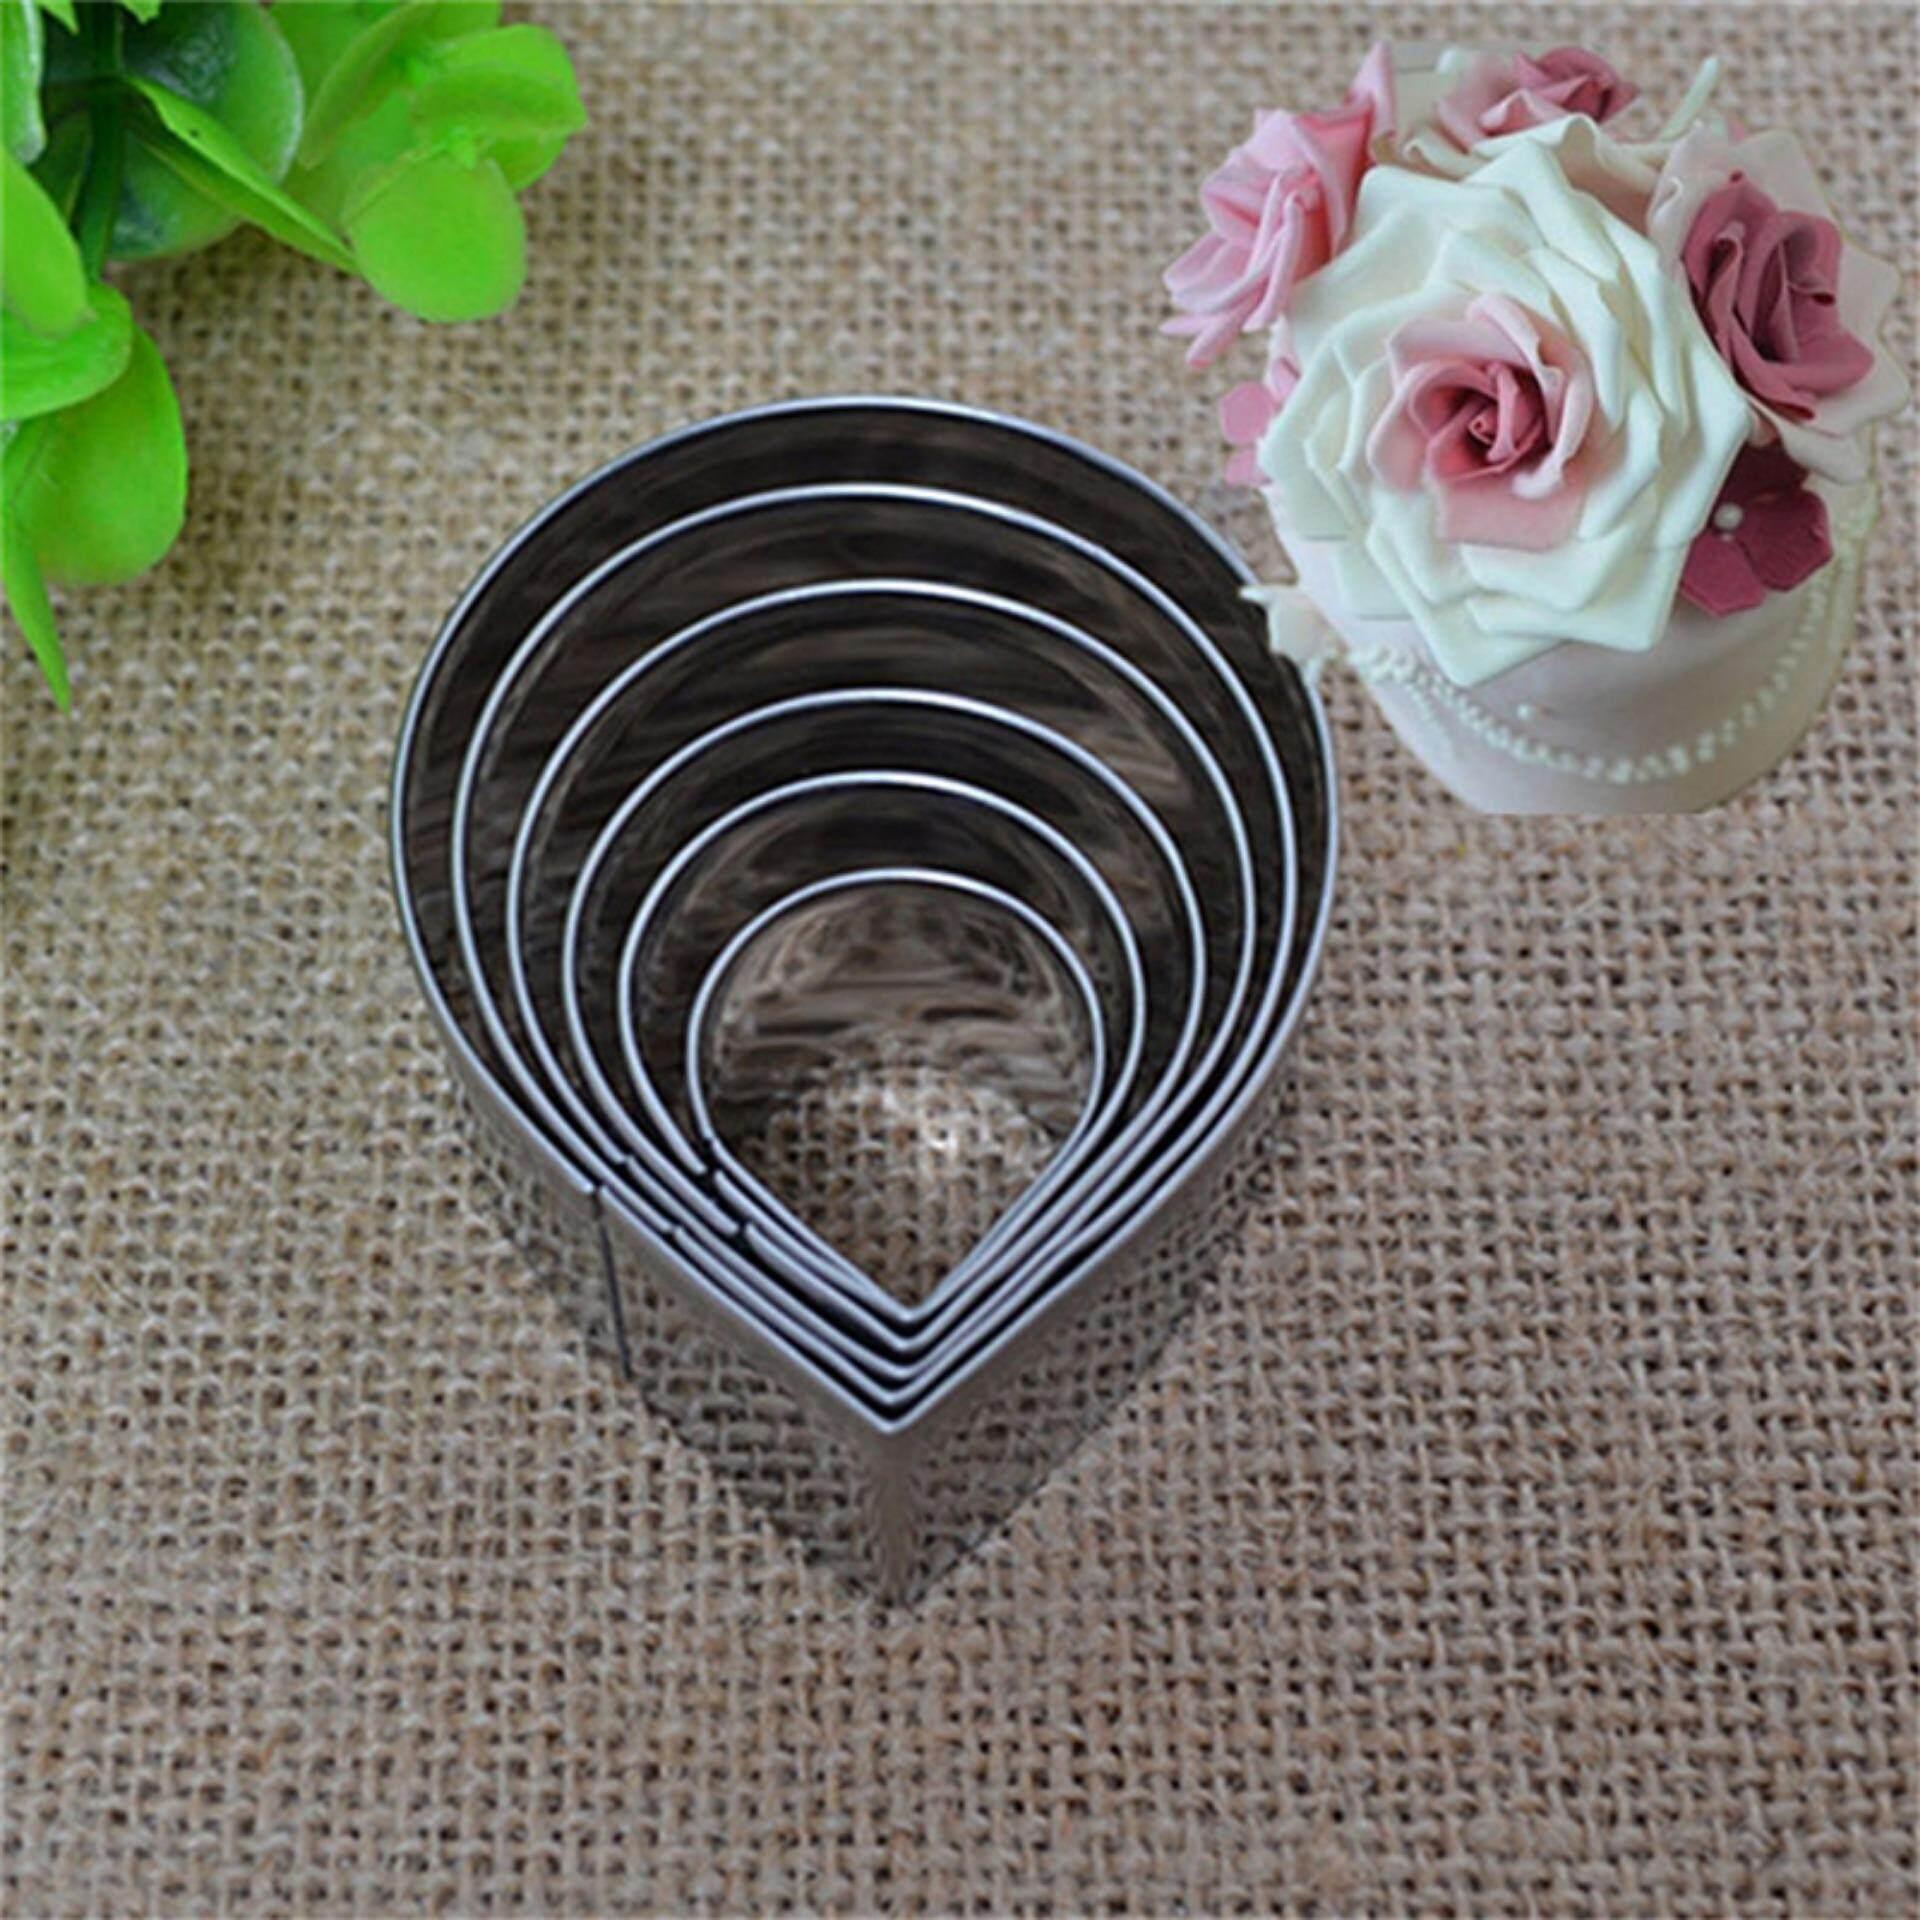 6 Pcs/set Dekorasi Keik Fondant Cetakan Hiasan Gula Pada Kue Alat Kelopak Mawar Cetakan